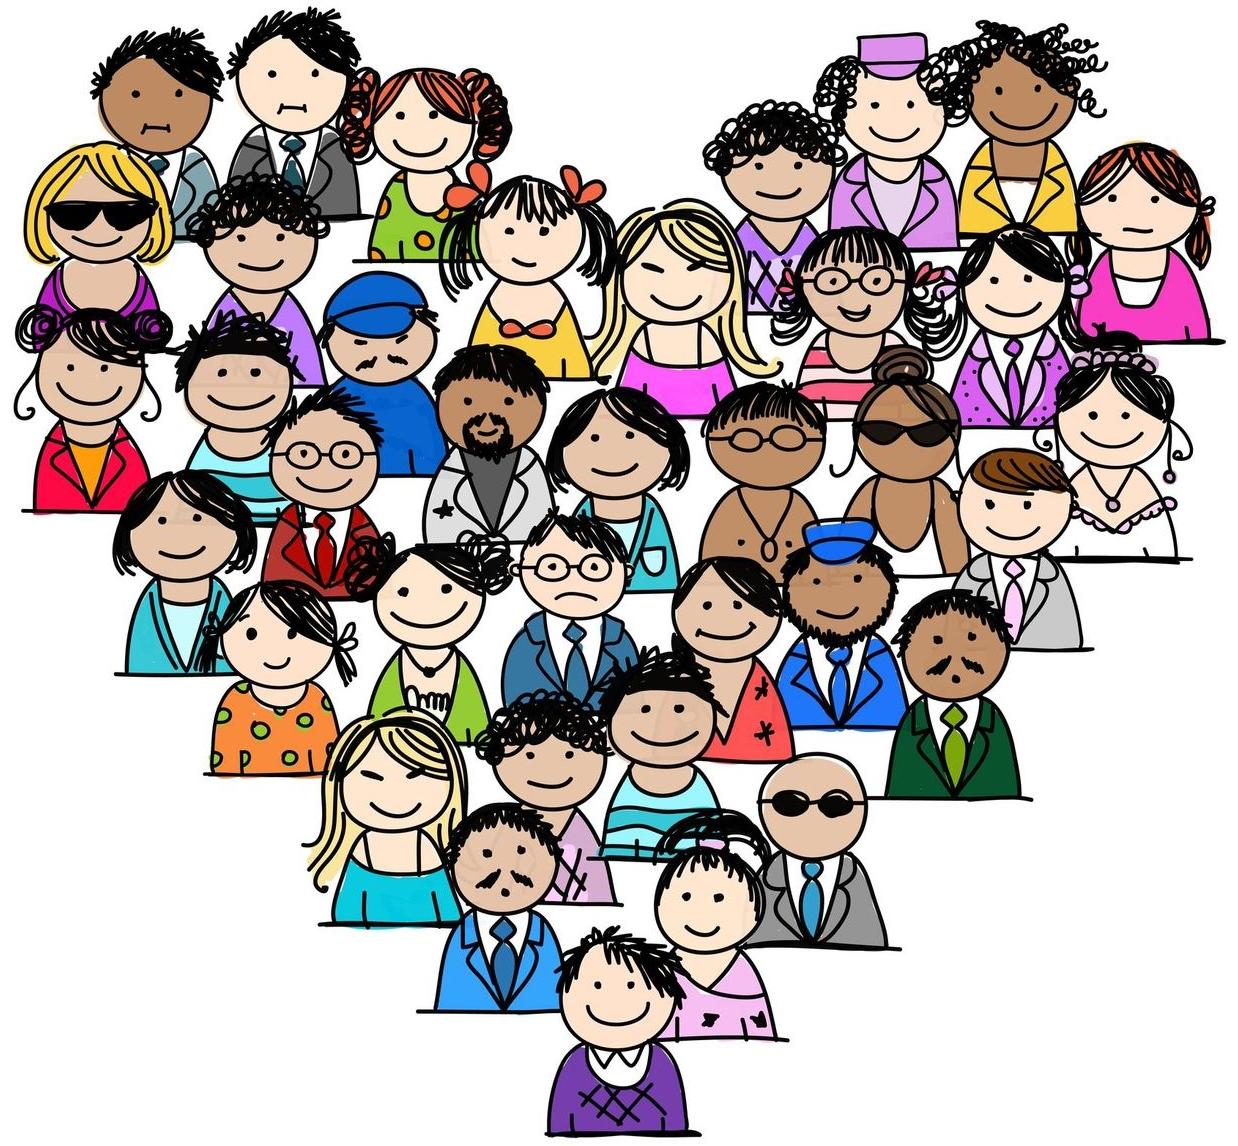 Everyone makes a unique contribution -  Photo: 123rf.com - kudryashka